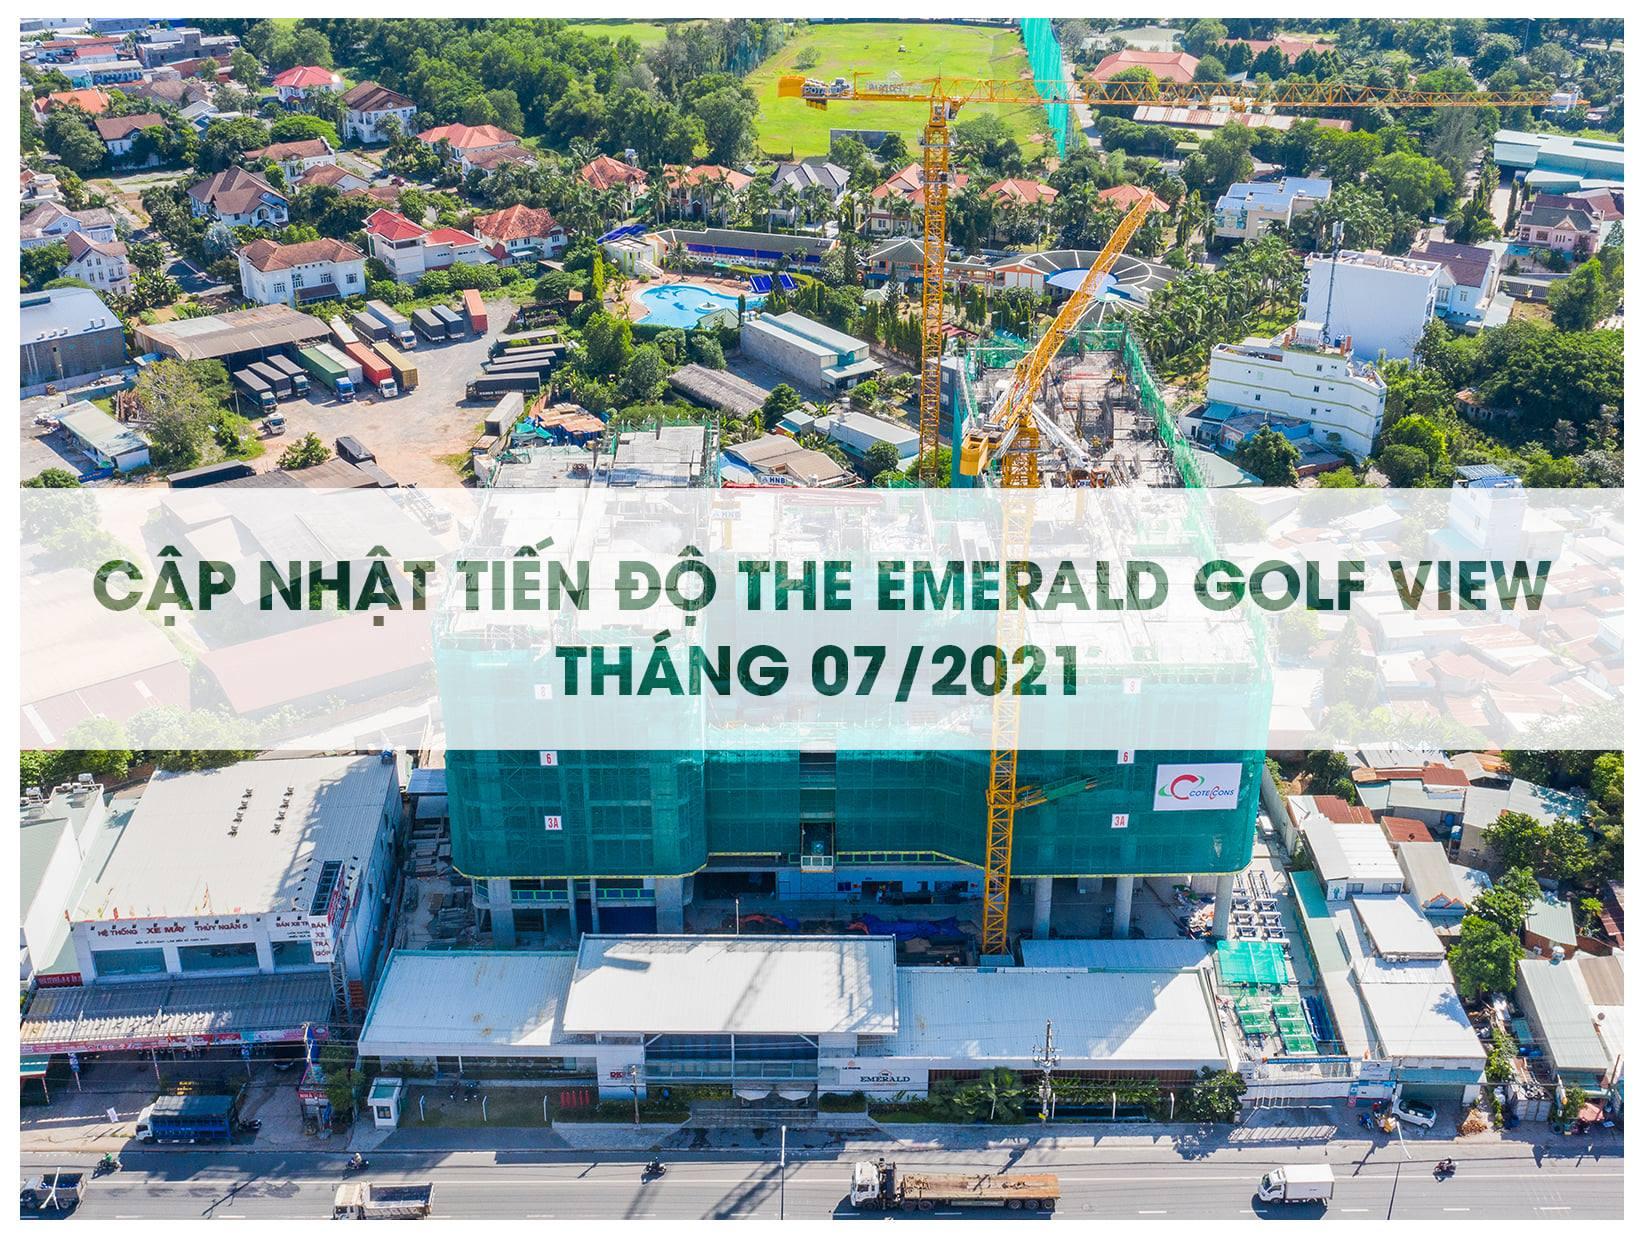 Tiến độ dự án The Emerald Golf View tháng 7